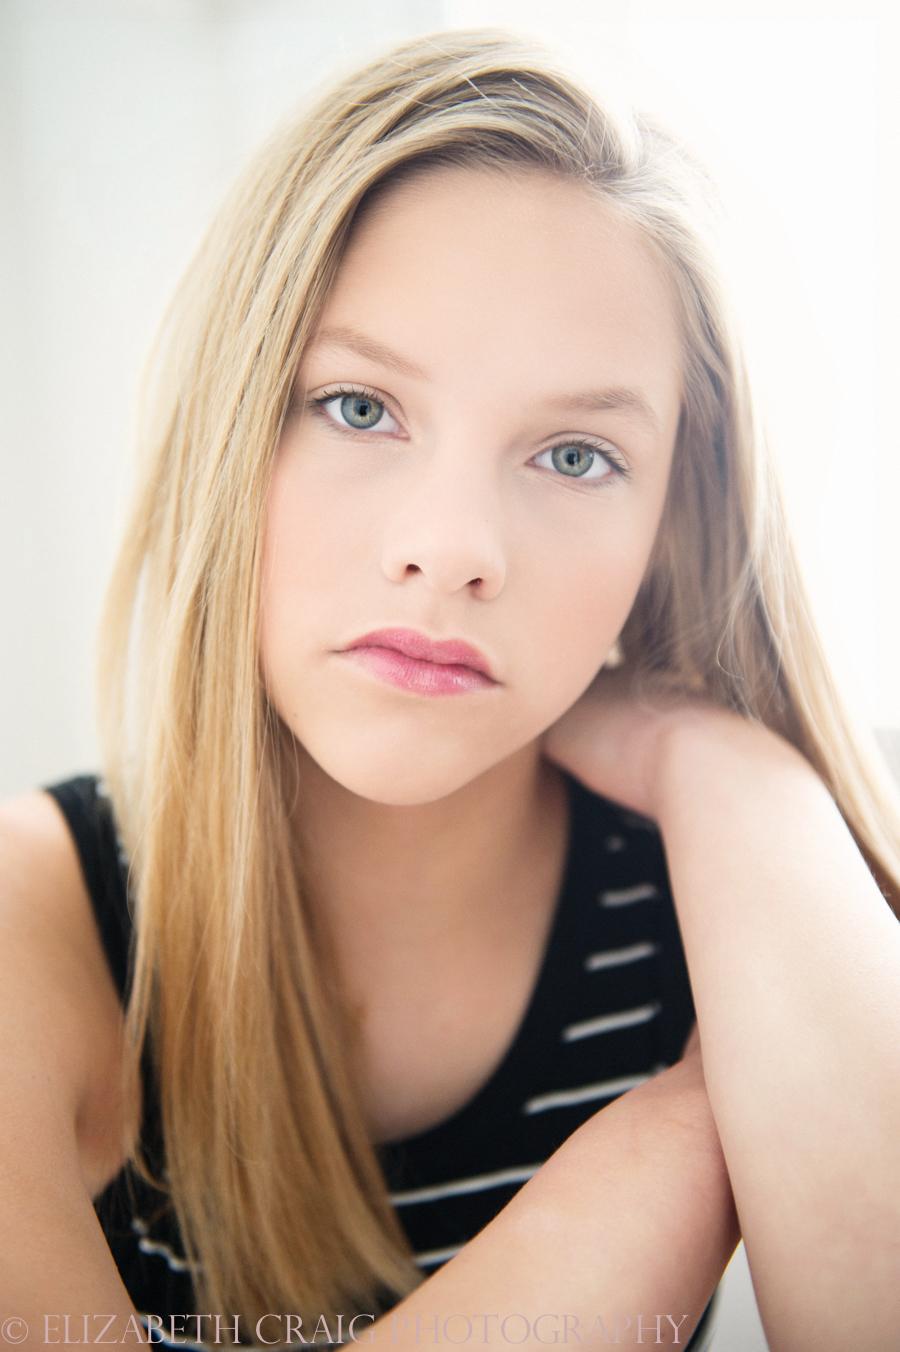 Pittsburgh Teen Girl Beauty Photography   Elizabeth Craig Photography-002